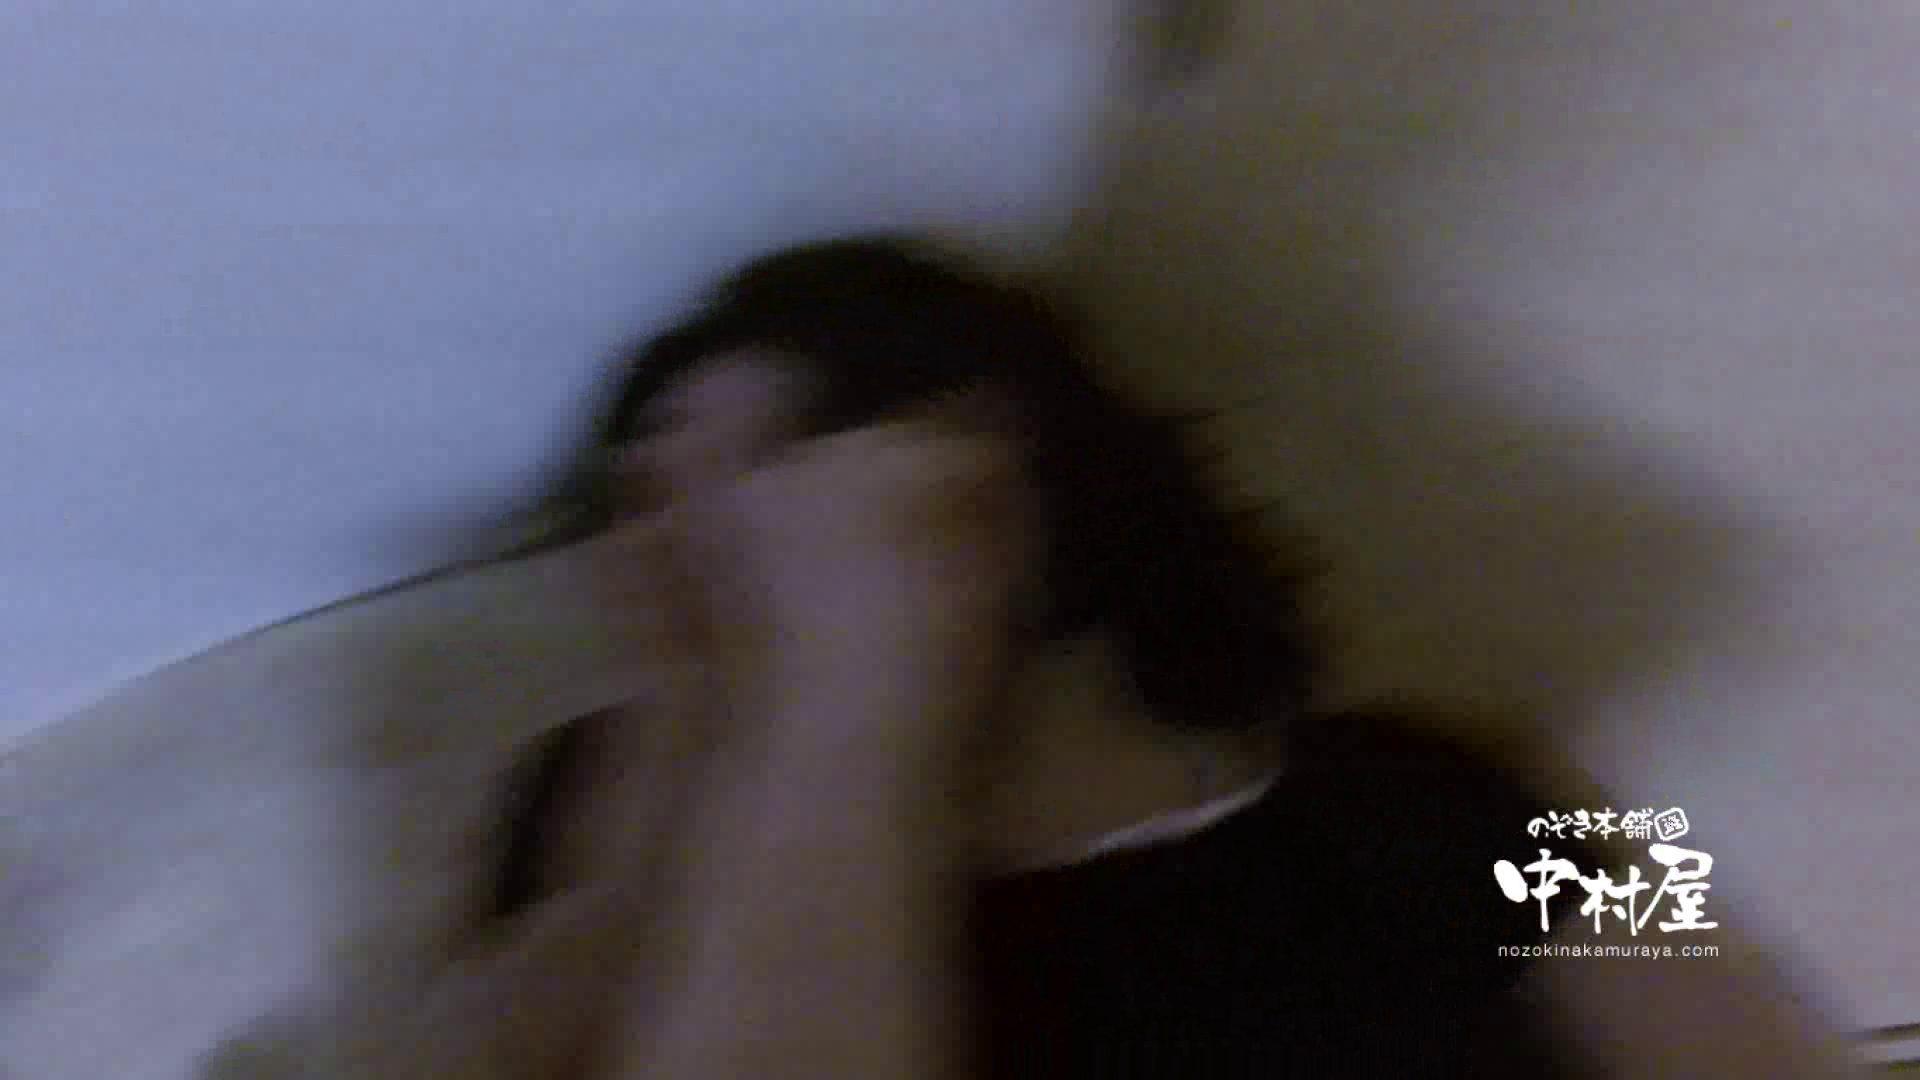 鬼畜 vol.06 中出し処刑! 前編 鬼畜  112PIX 112